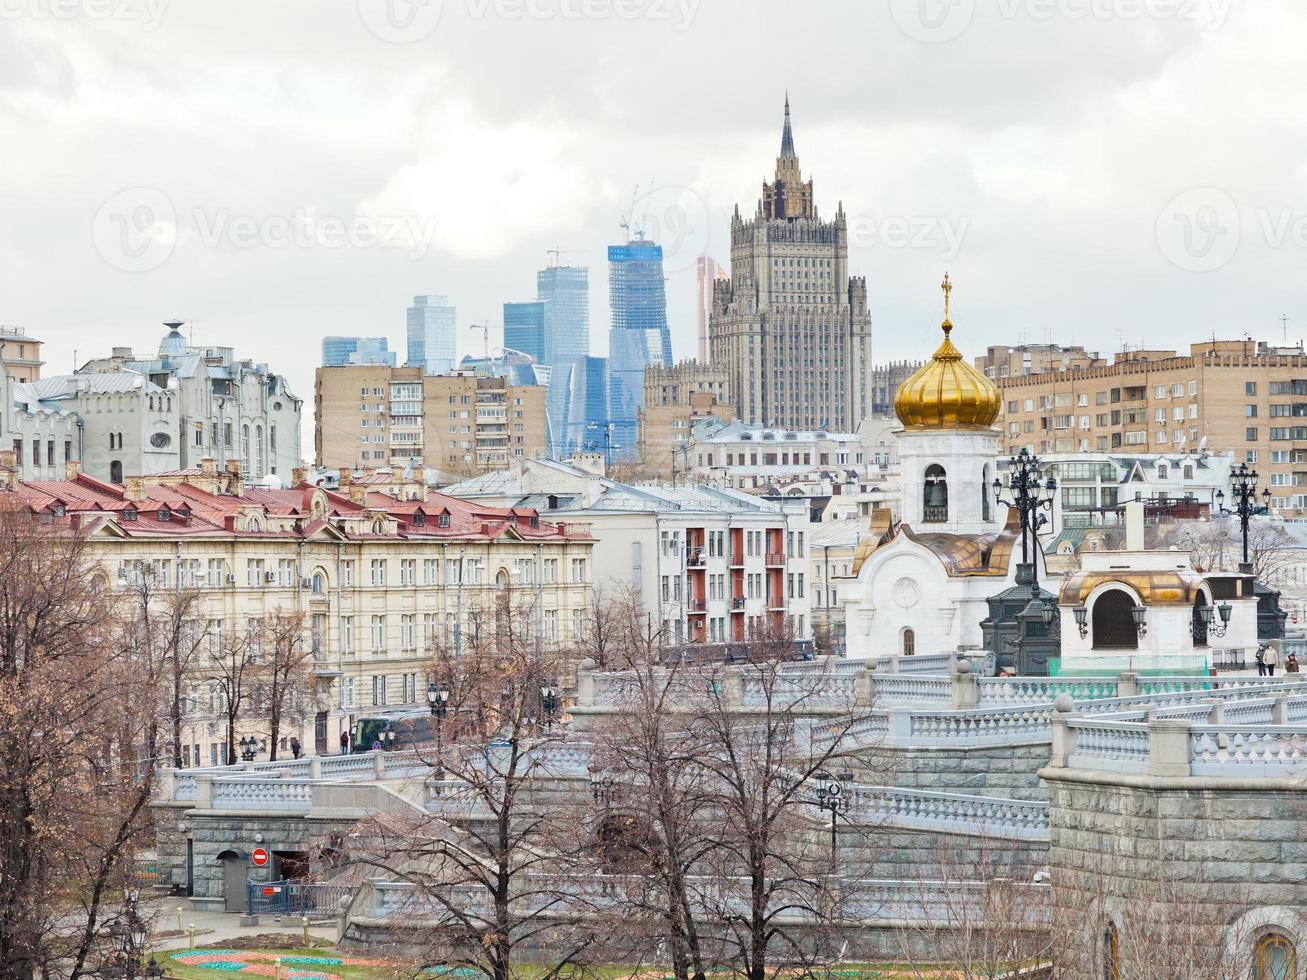 paesaggio urbano di Mosca con la cattedrale e il grattacielo foto